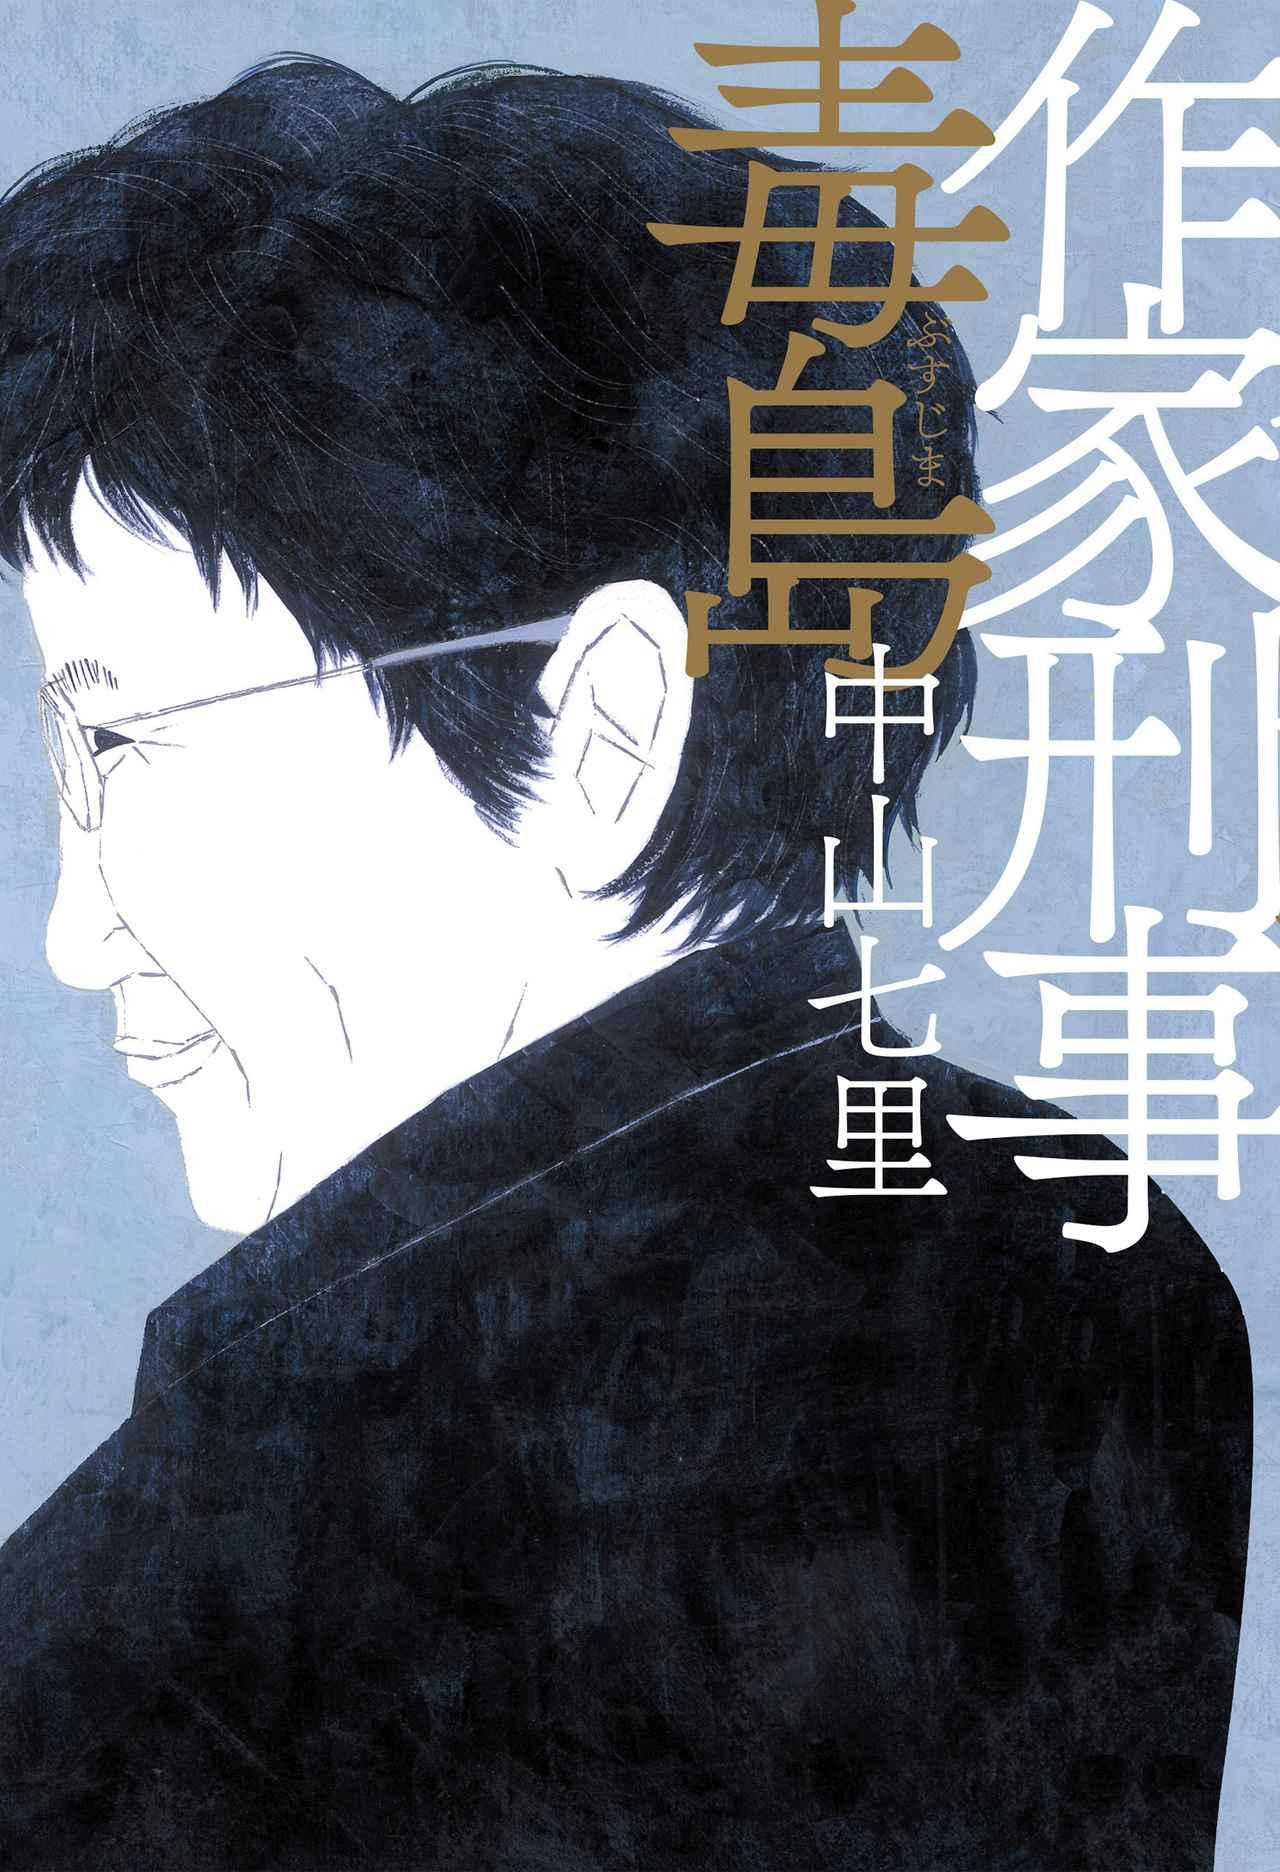 画像: 【定価】本体1600円(税別)【発行】幻冬舎